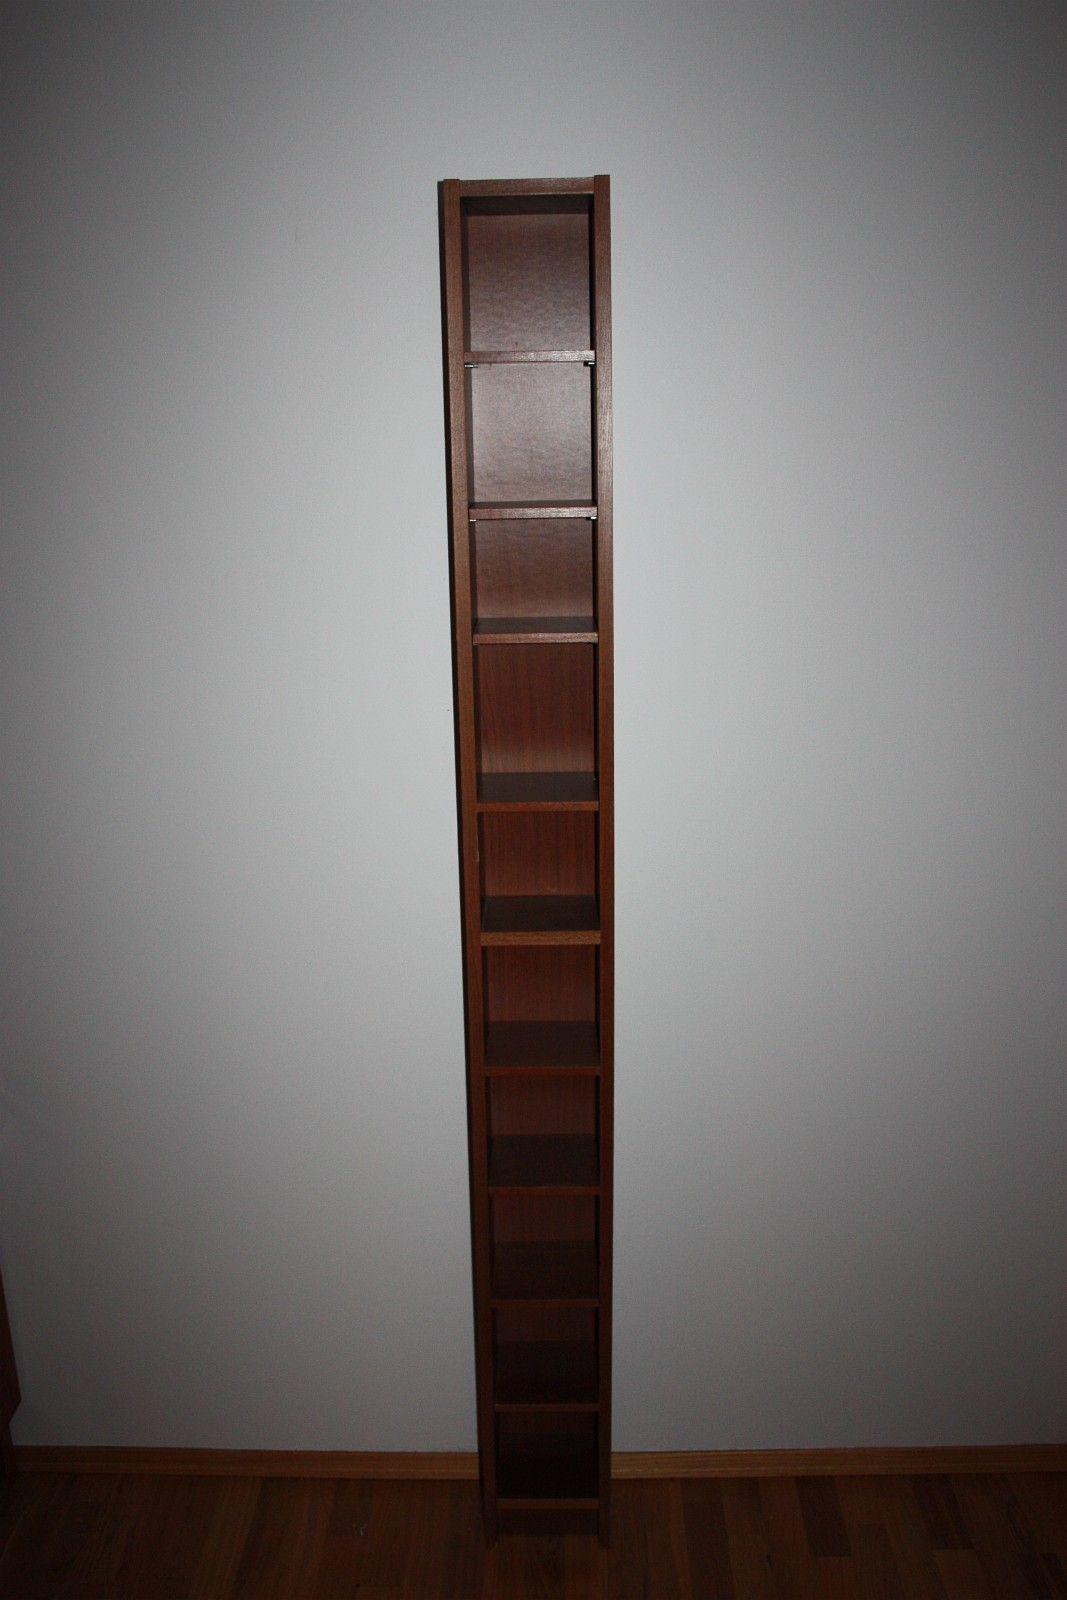 Benno cd-hyller: To stk lys bjørkefinér, én brun - Rådal  - Har tre Benno cd-hyller som jeg gir vekk.  To av dem er i lys bjørkefinér, og en er brun.  Kan også brukes til bøker, filmer, pyntegjenstander m.m.  Mål: 202 X 20 X 17 cm. - Rådal